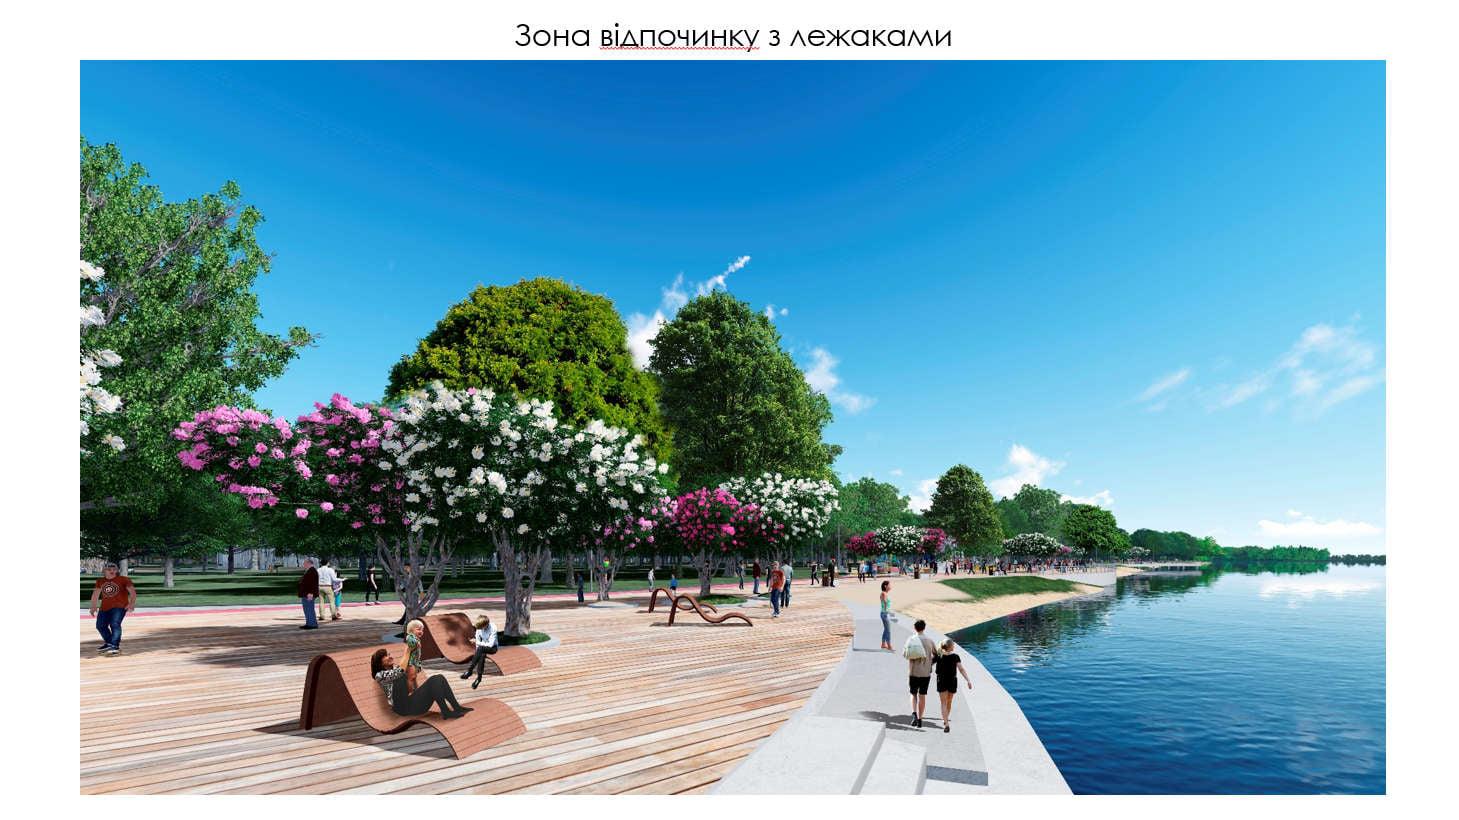 В мэрии показали, как планируют реконструировать Журавлевский гидропарк (фото)